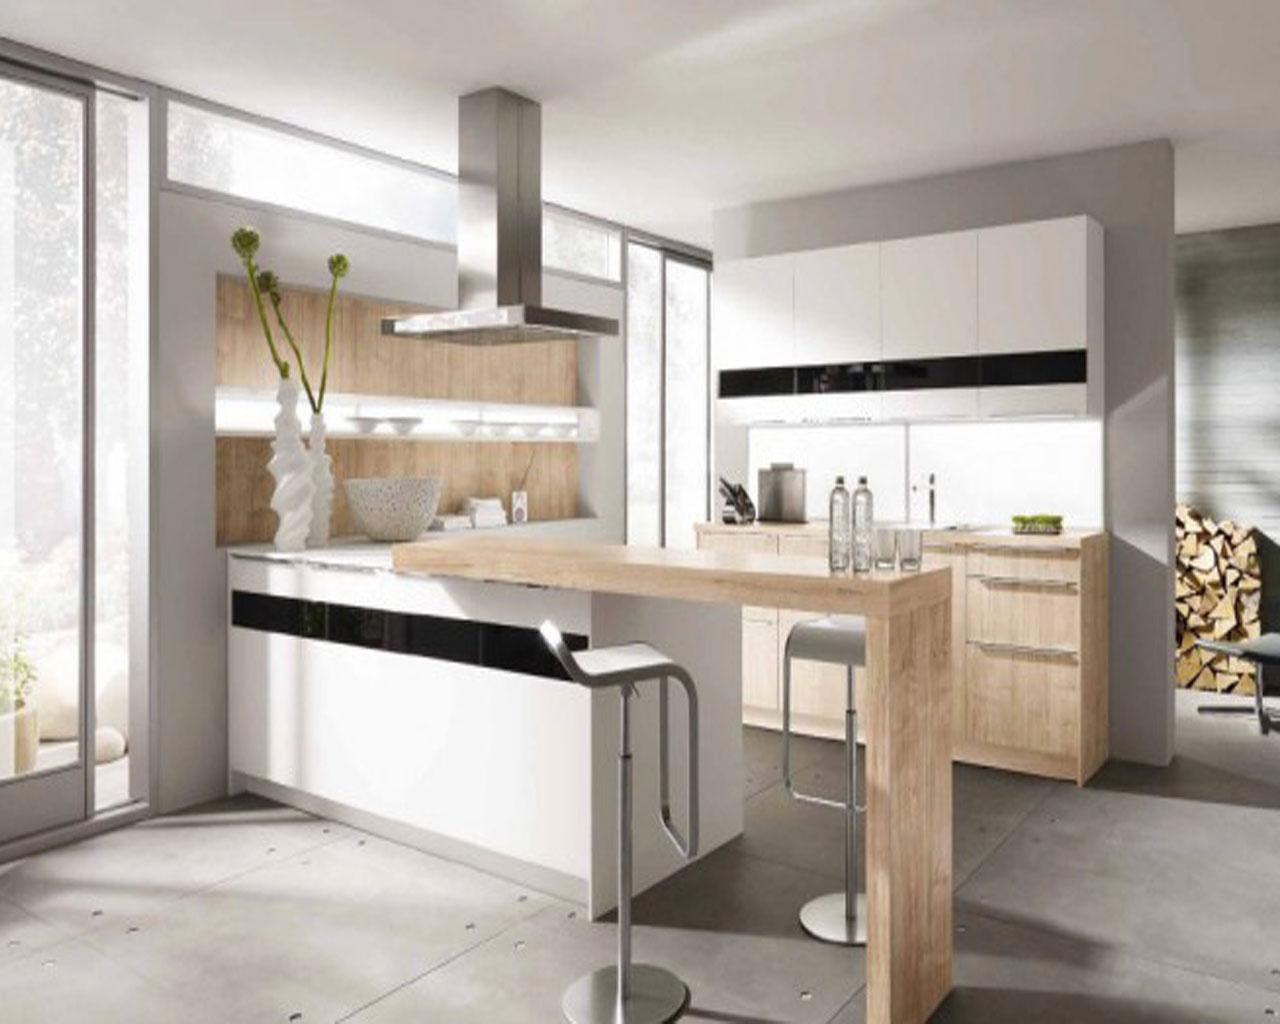 Best Kitchen Gallery: 25 Kitchen Design Inspiration Ideas of Kitchen Design Inspiration on rachelxblog.com